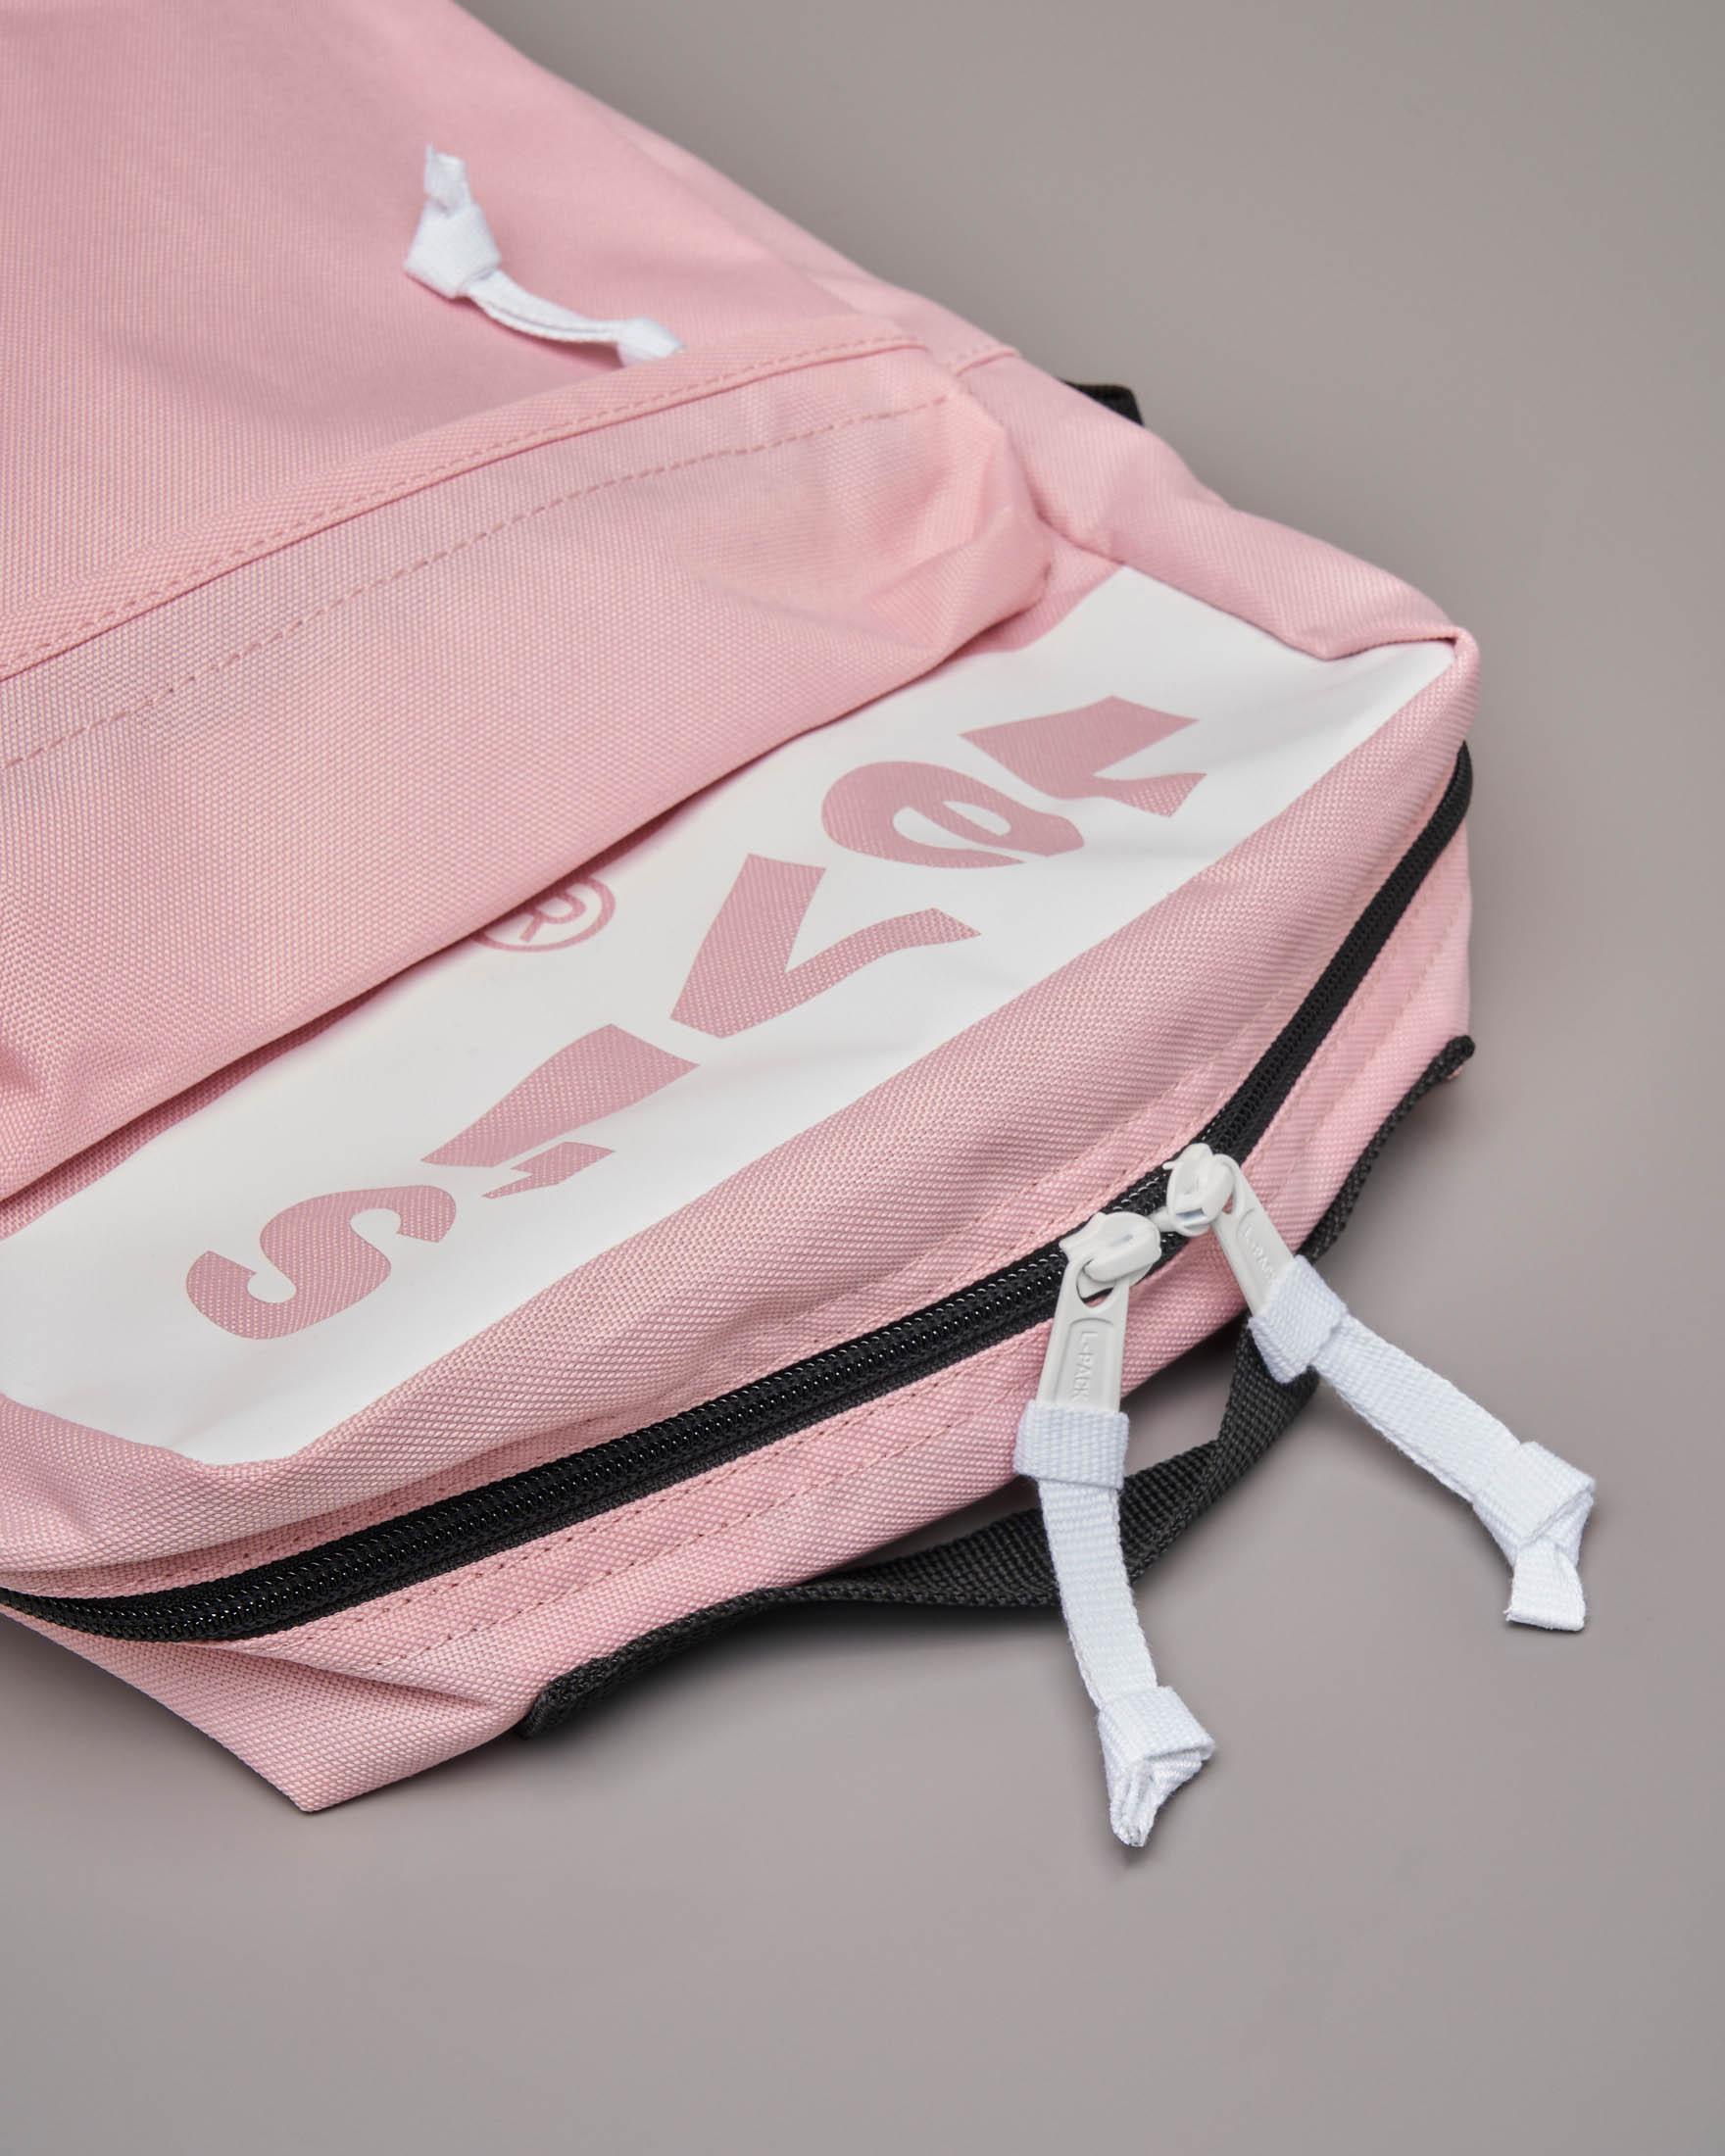 Zaino rosa quadrato con ampia tasca frontale e scritta logo a contrasto